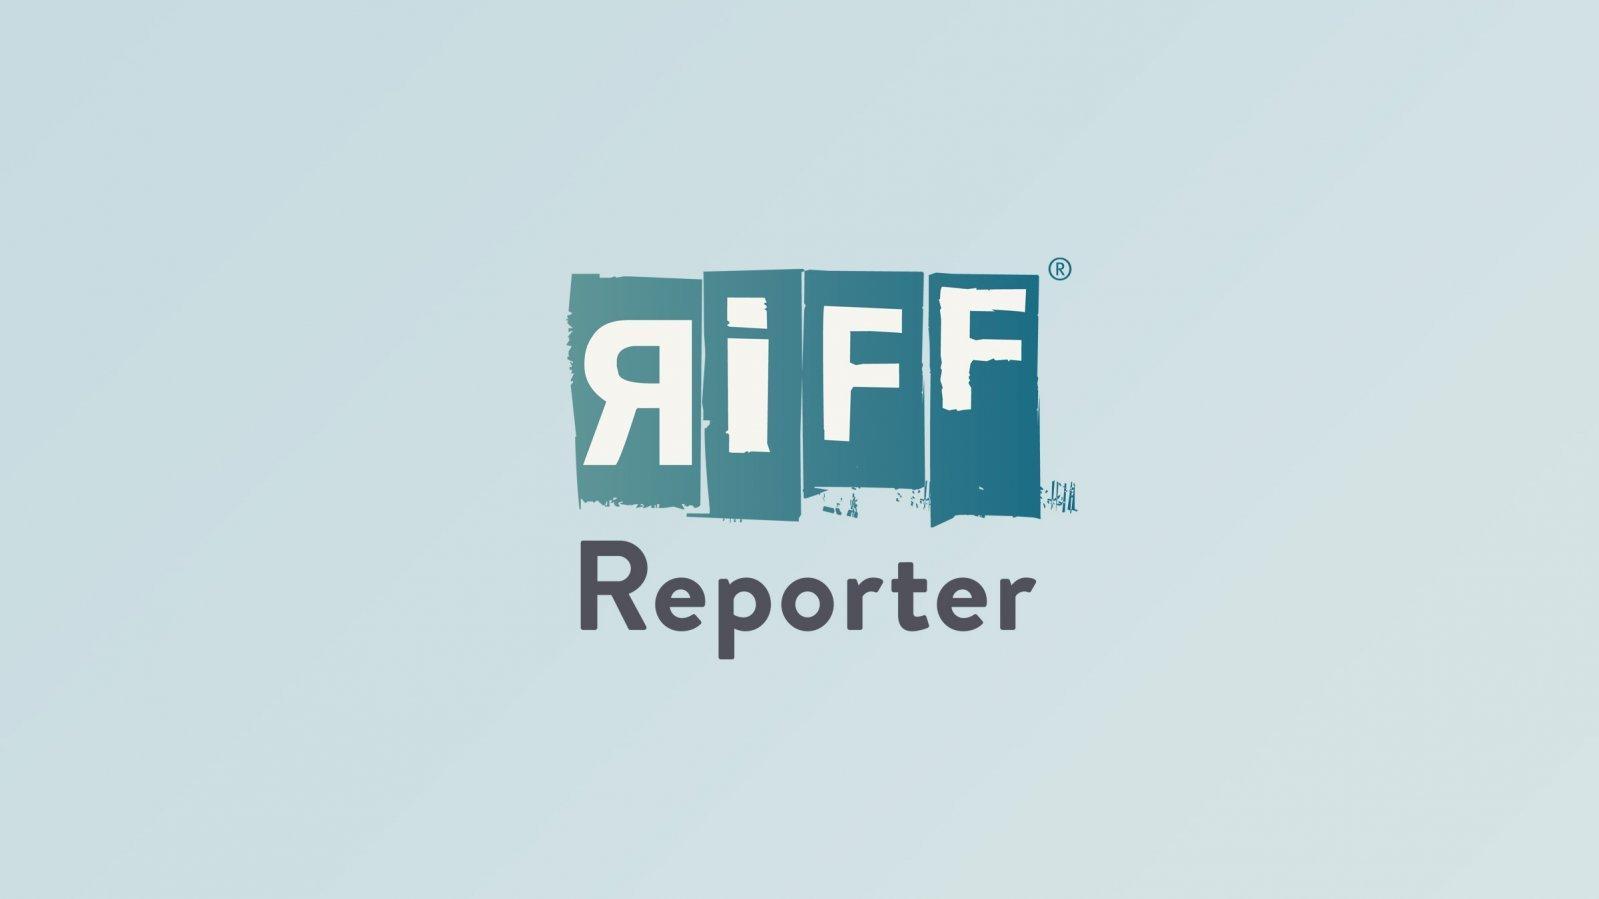 Das Vehikel des RadelndenReporters lehnt an einstigen Grenzbefestigungsanlagen, die das Museum einbindet.